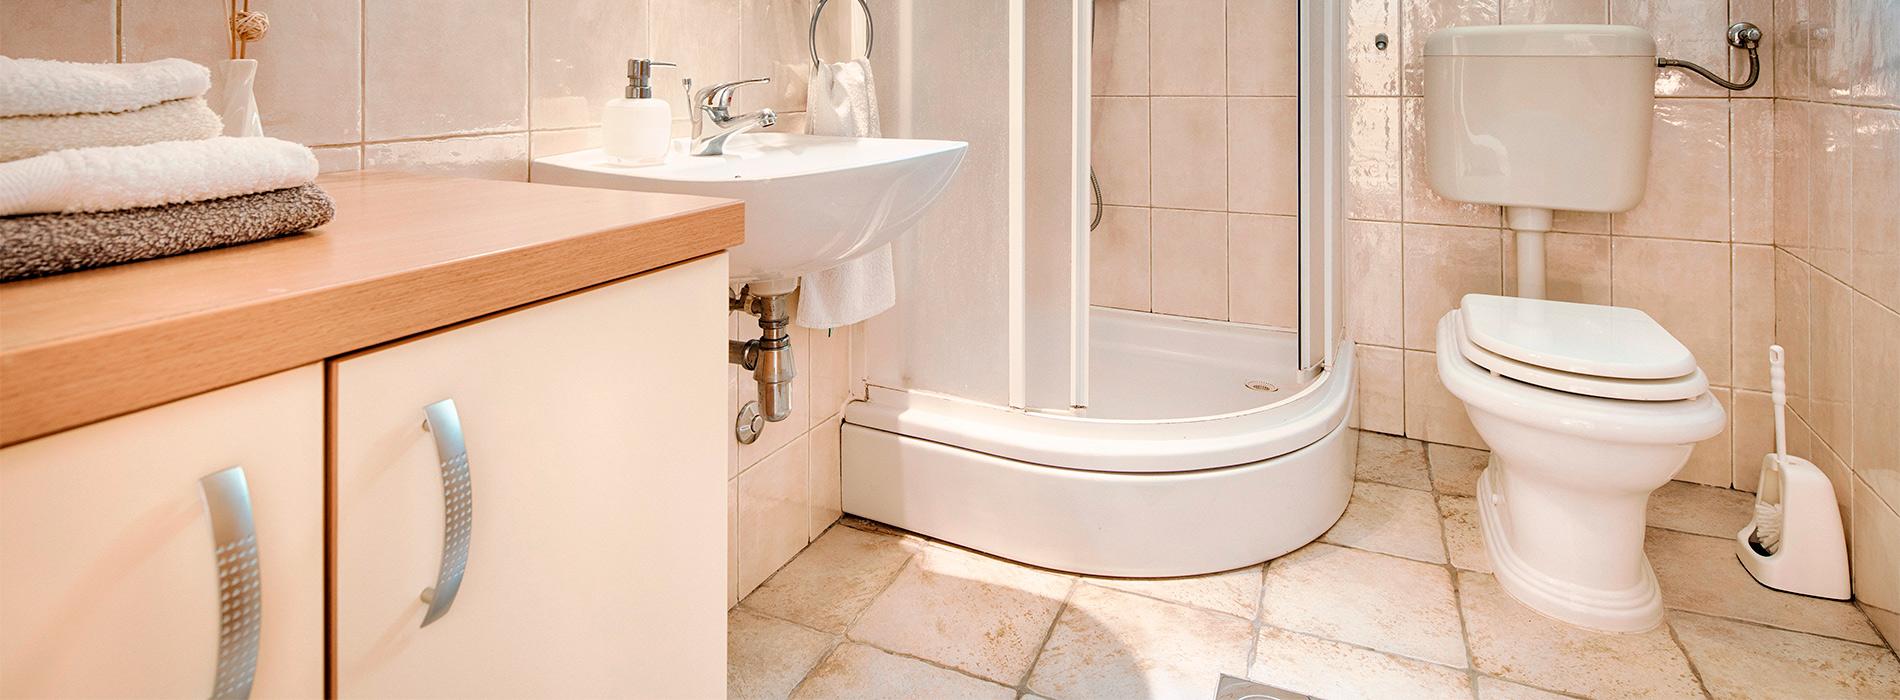 Modelos de duchas tradicionales